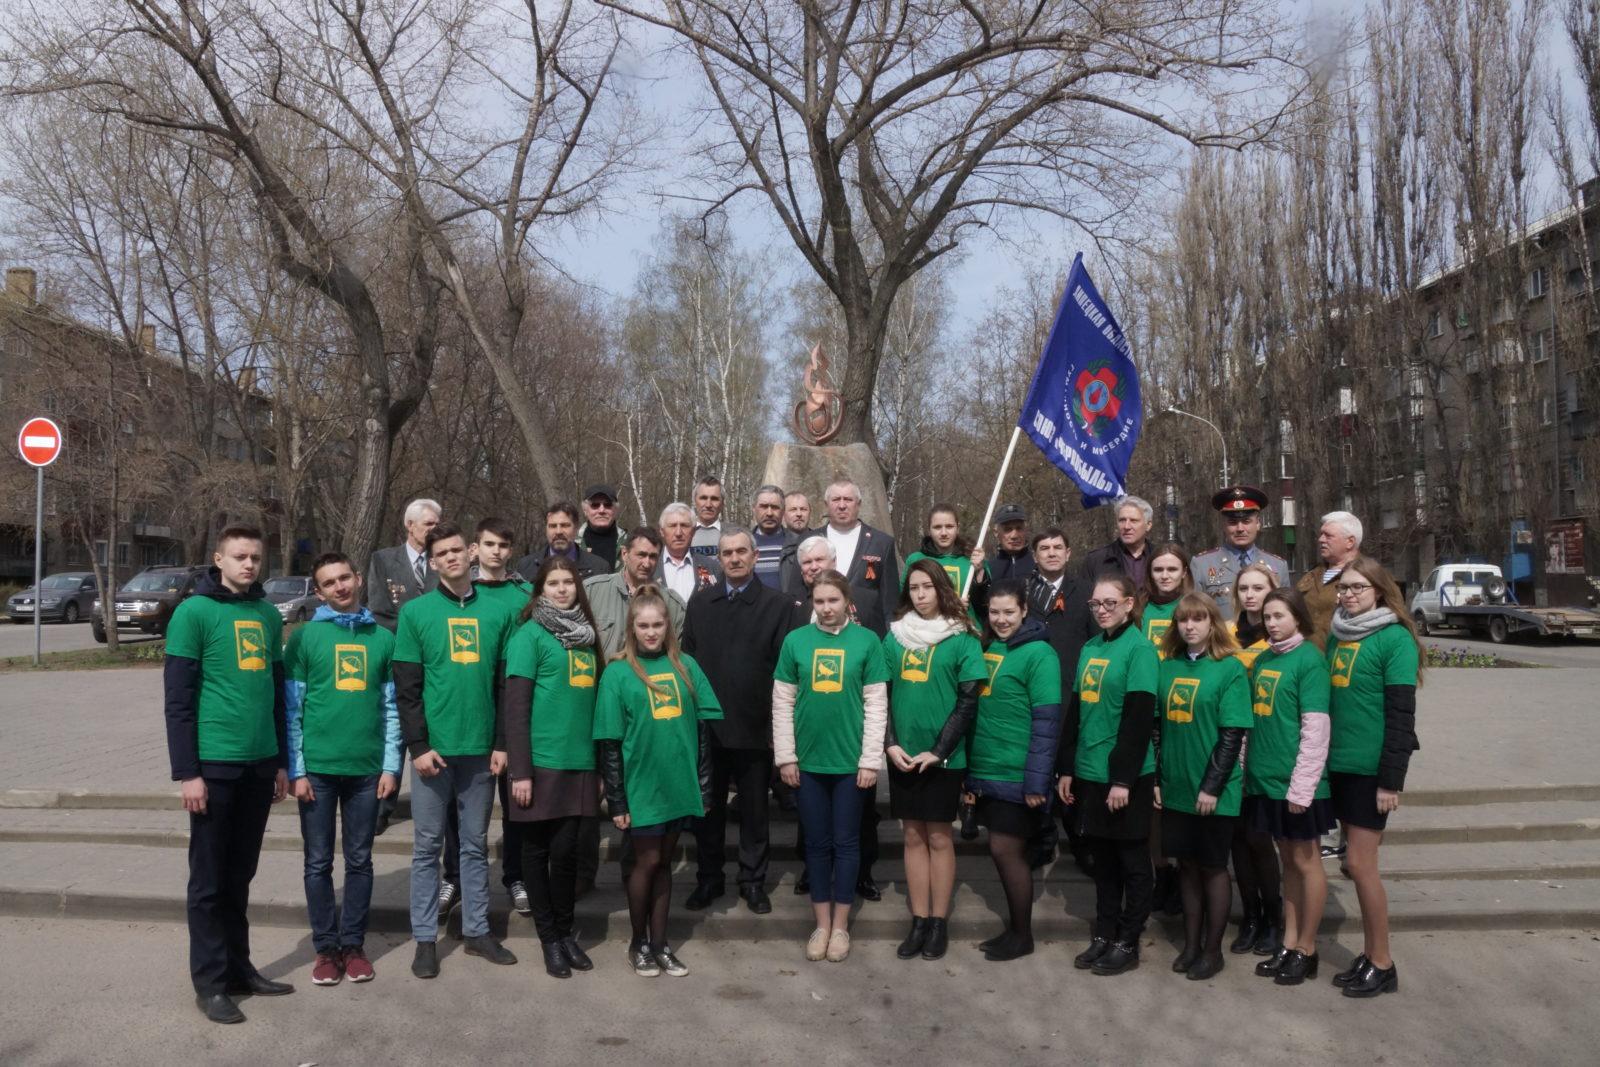 Дни защиты от экологической опасности: 26 апреля — День памяти погибших в радиационных авариях и катастрофах